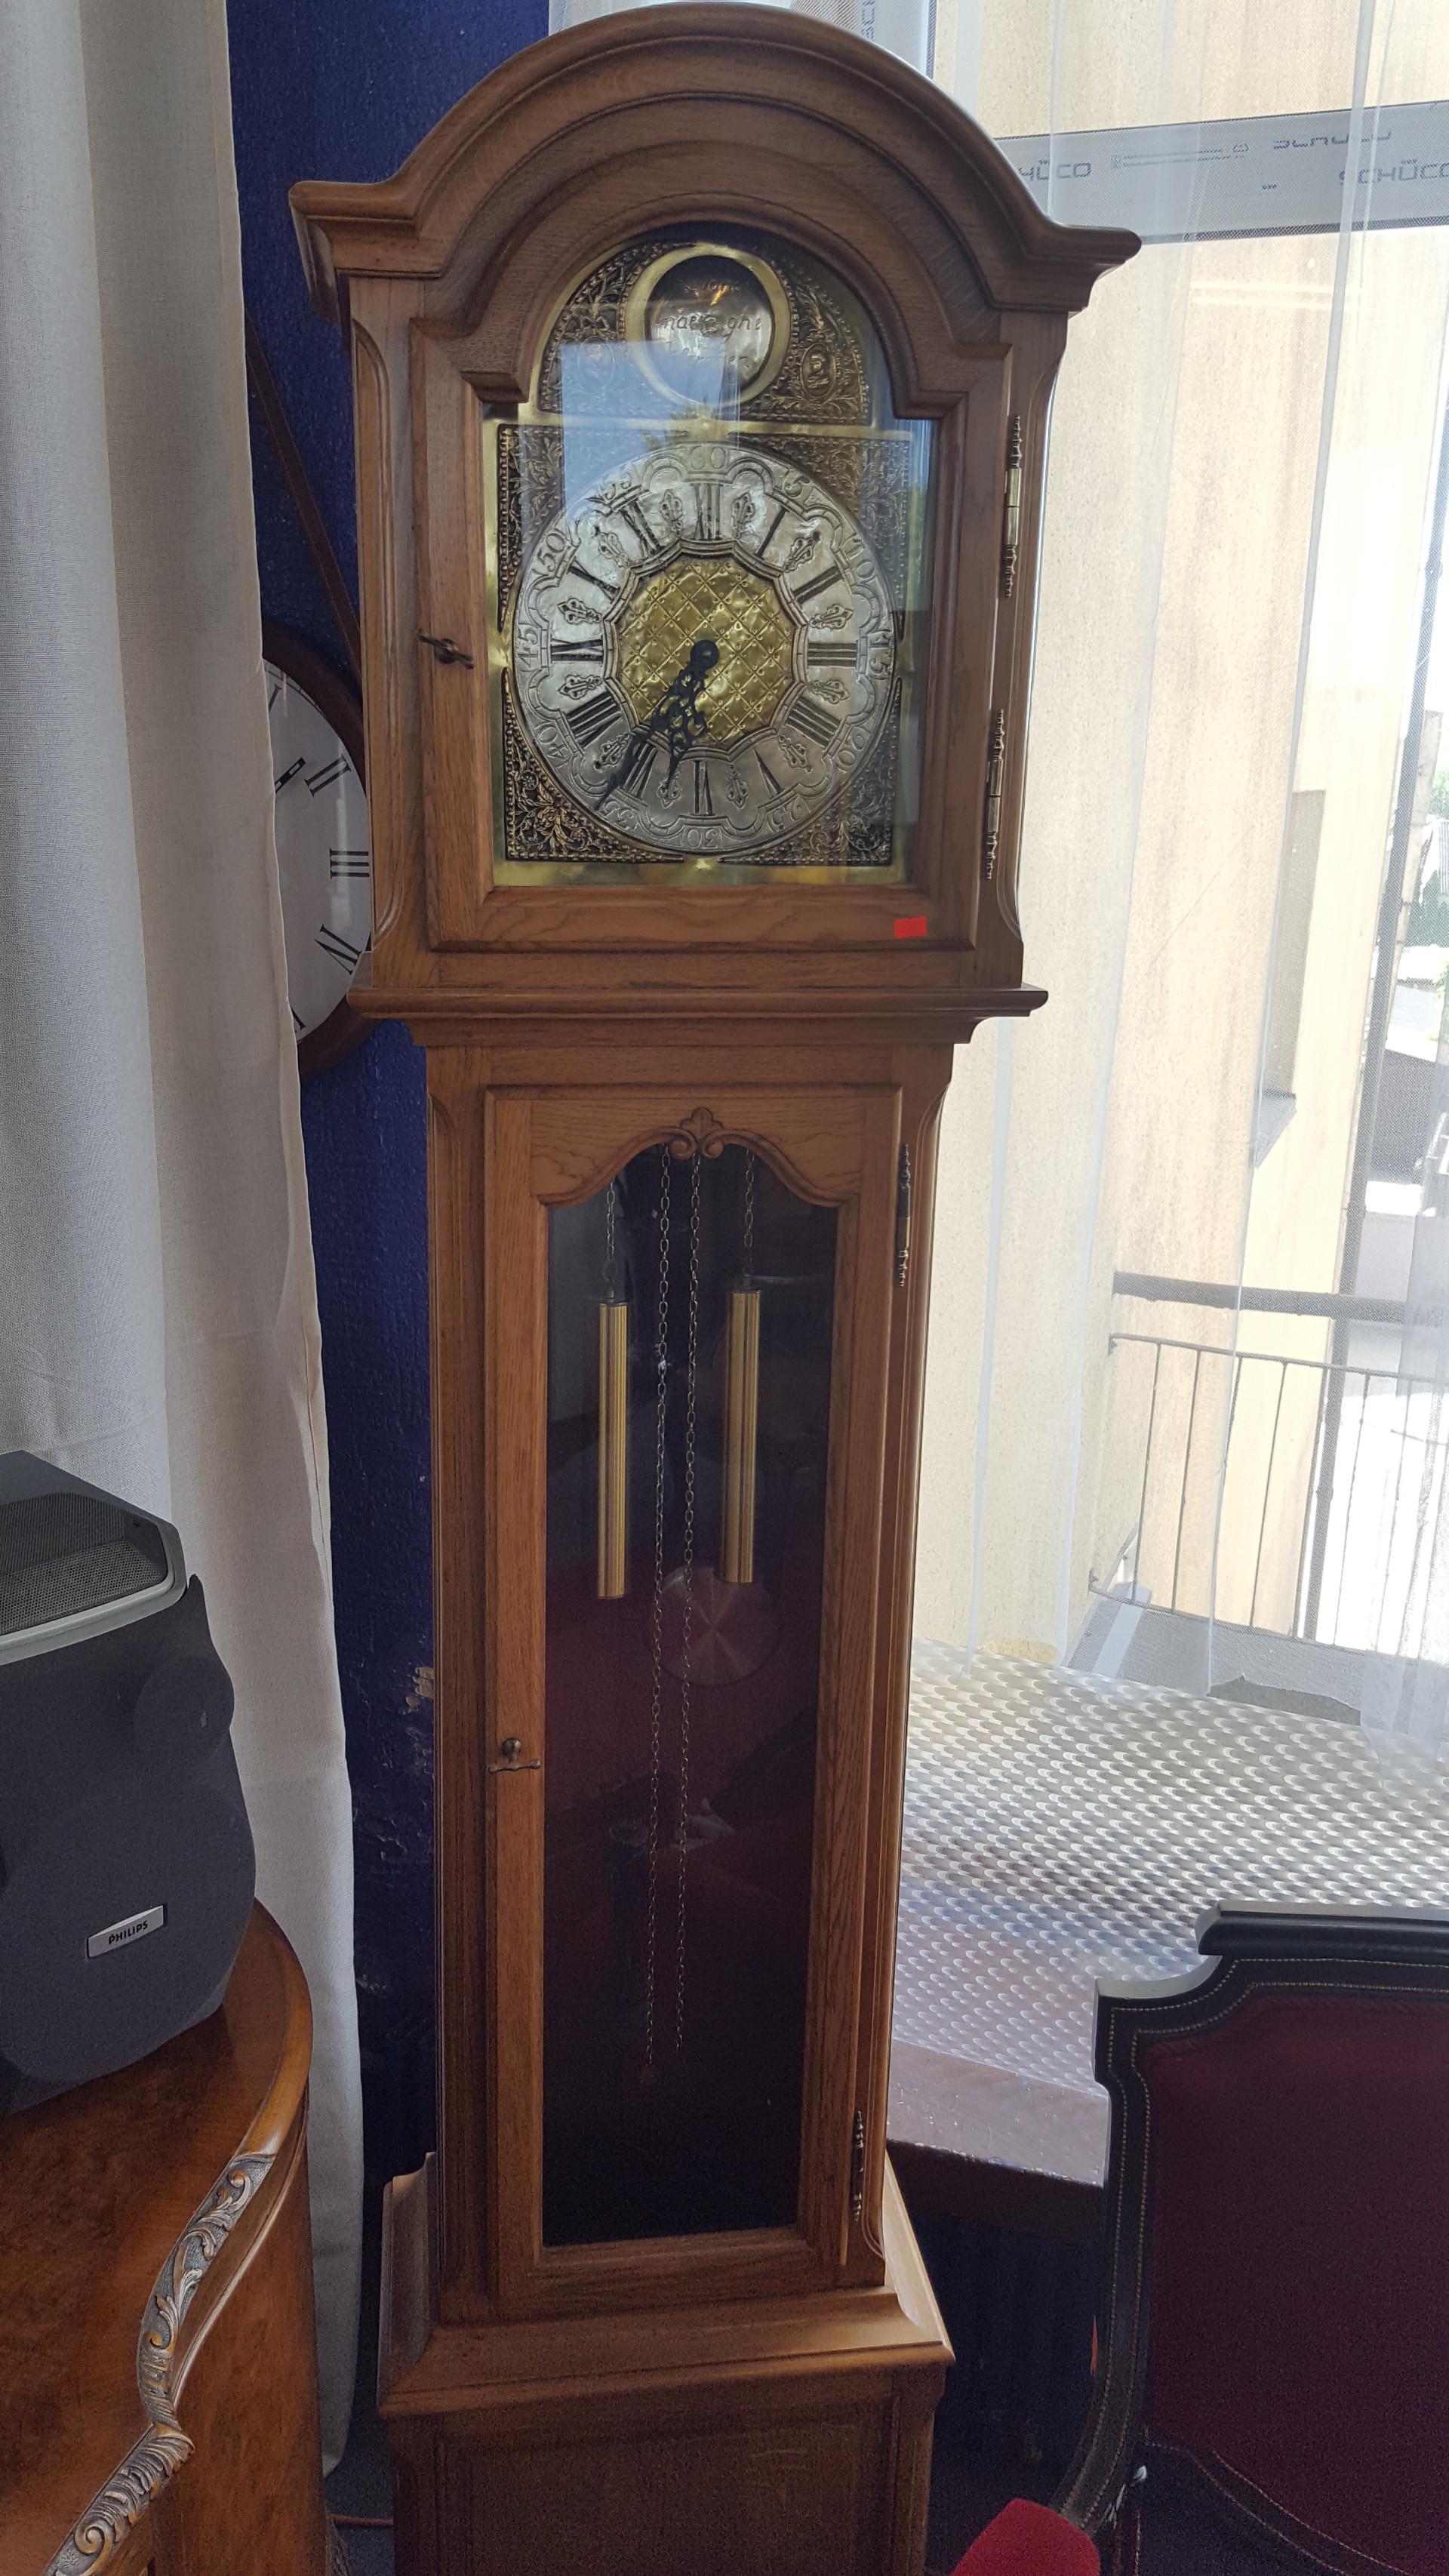 Pastatomas Antikvarinis Laikrodis